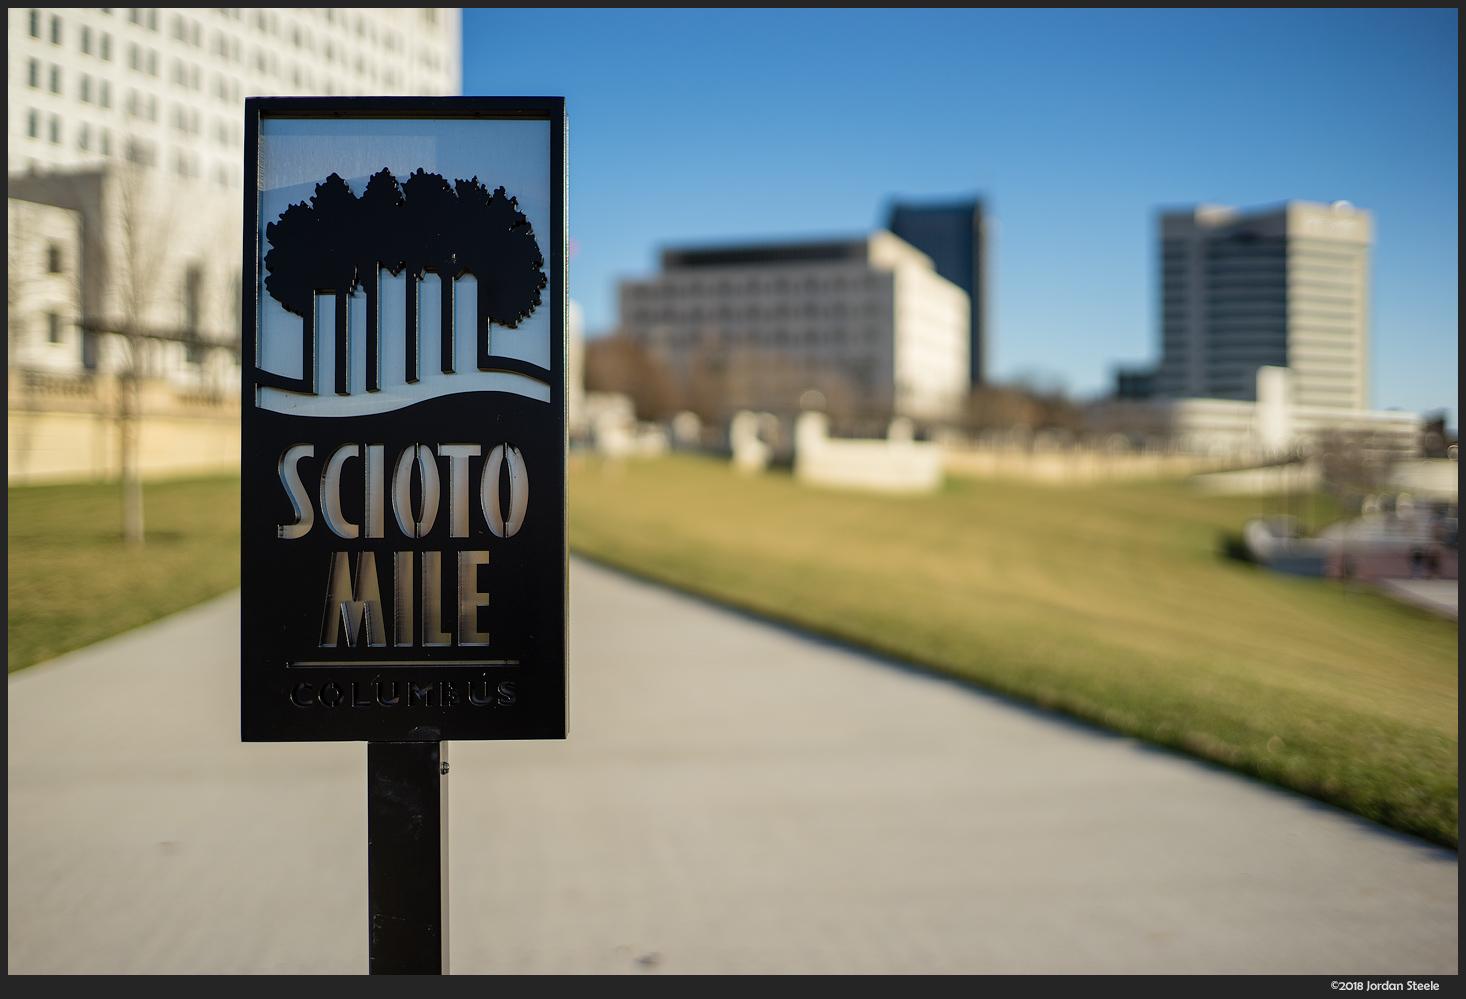 Scioto Mile - Sony A7 II with Voigtländer 35mm f/1.4 Nokton Classic @ f/2,